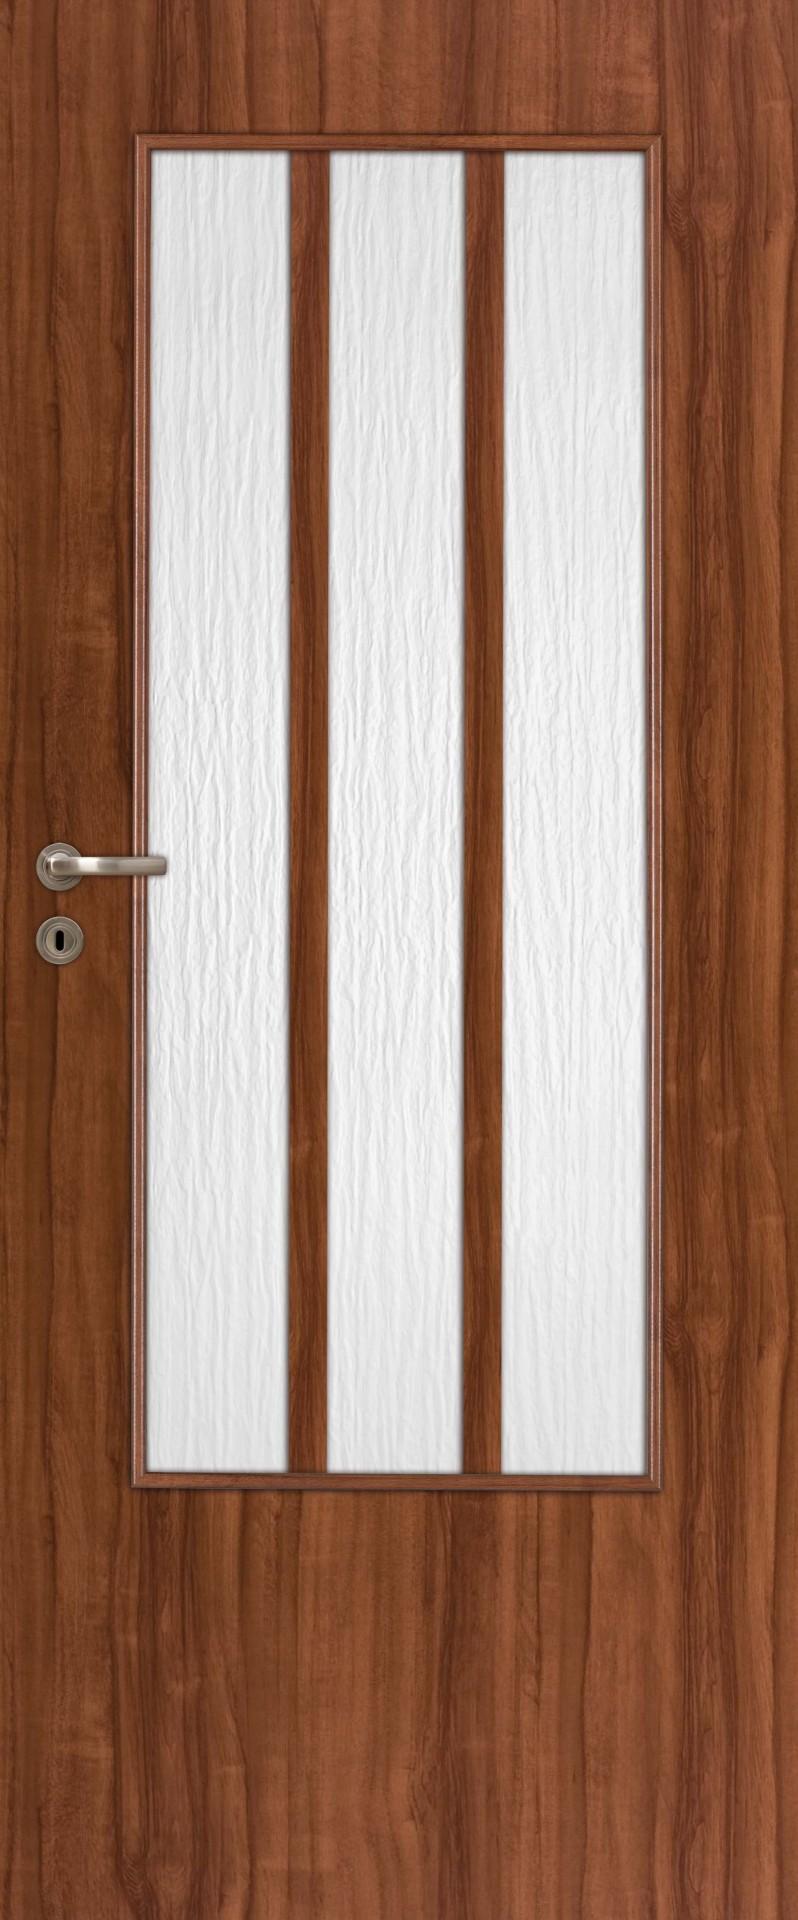 Dre dveře Arte 30 , Šíře v cm 70